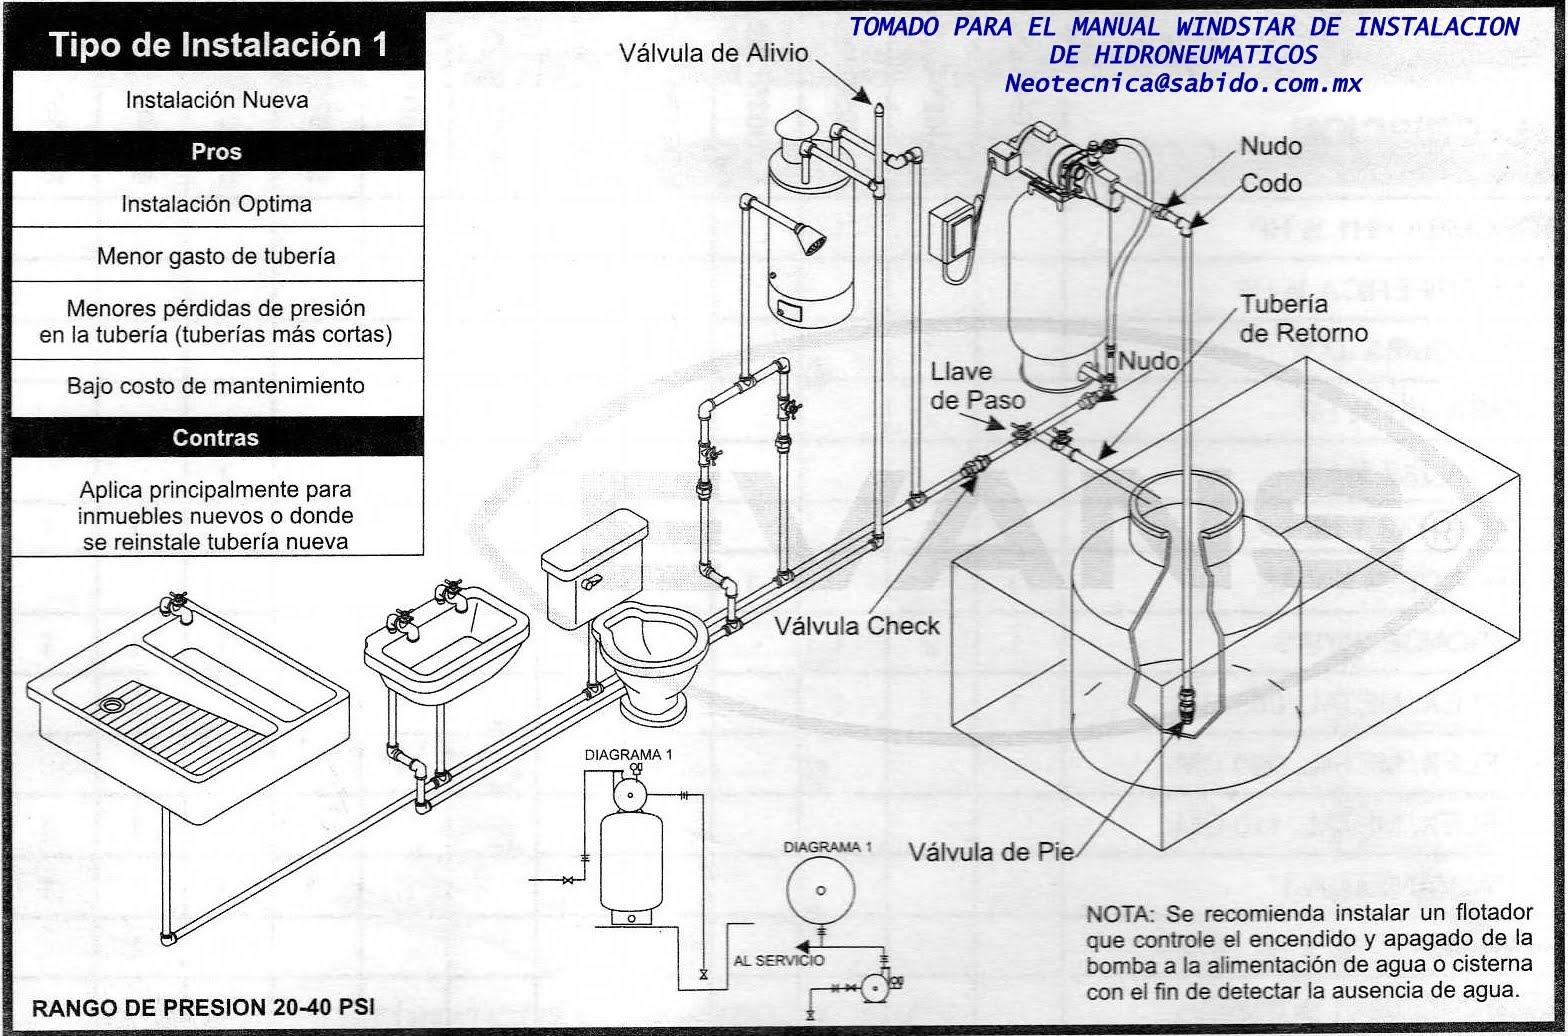 Equipos y servicios tecnicos windstar instalaci n de for Compresor hidroneumatico